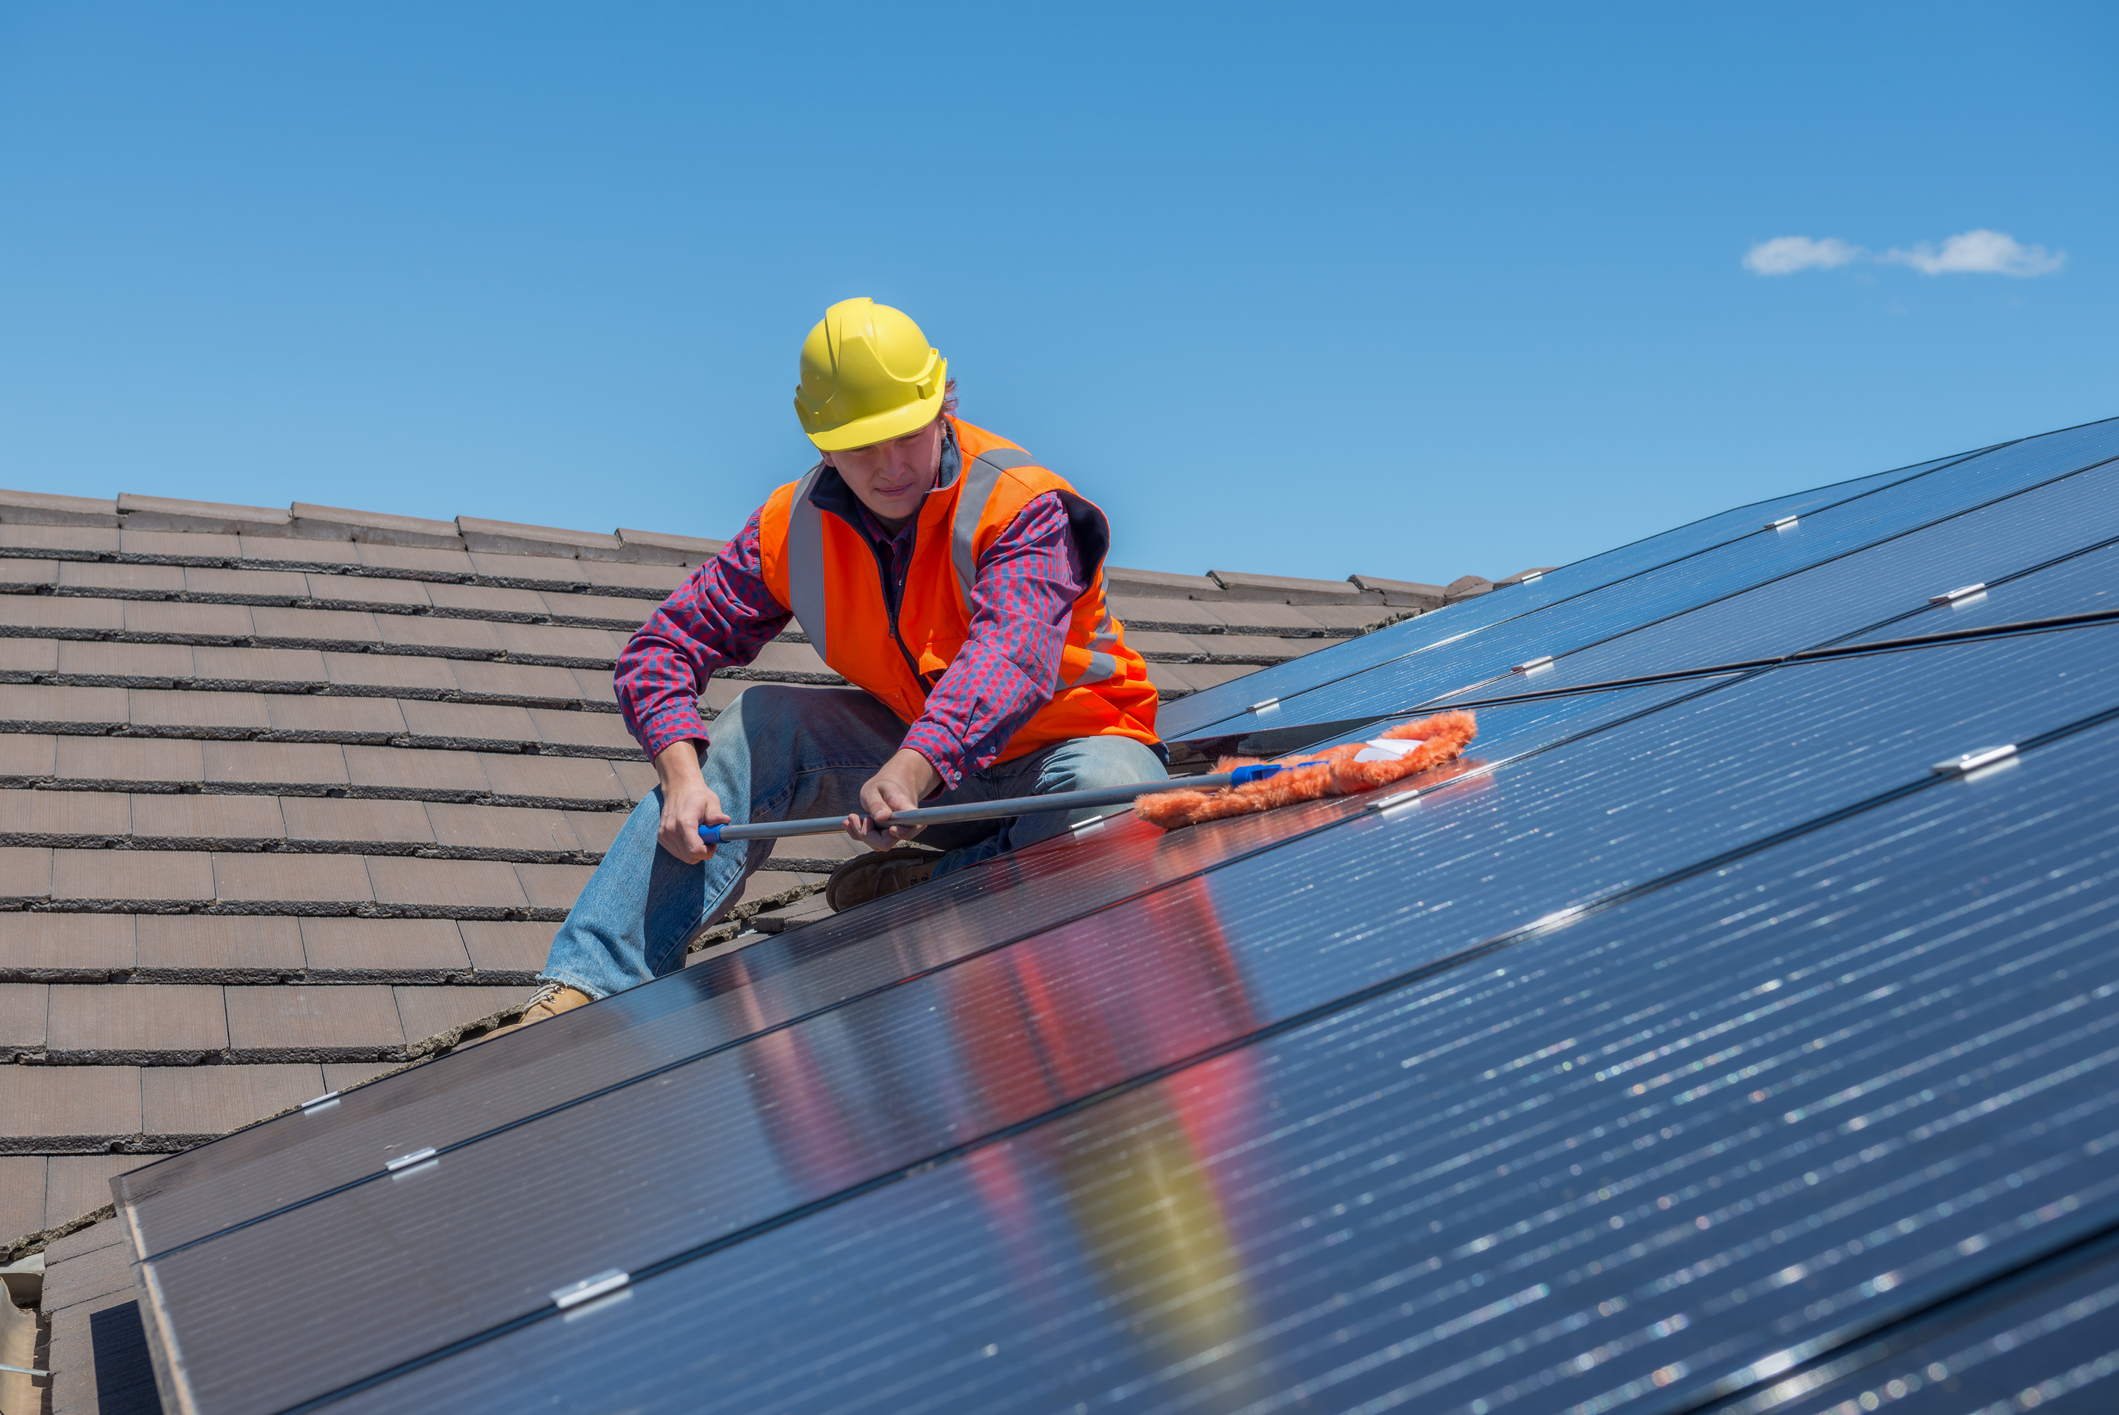 Energreen uw partner voor de reiniging van uw fotovoltaïsche panelen